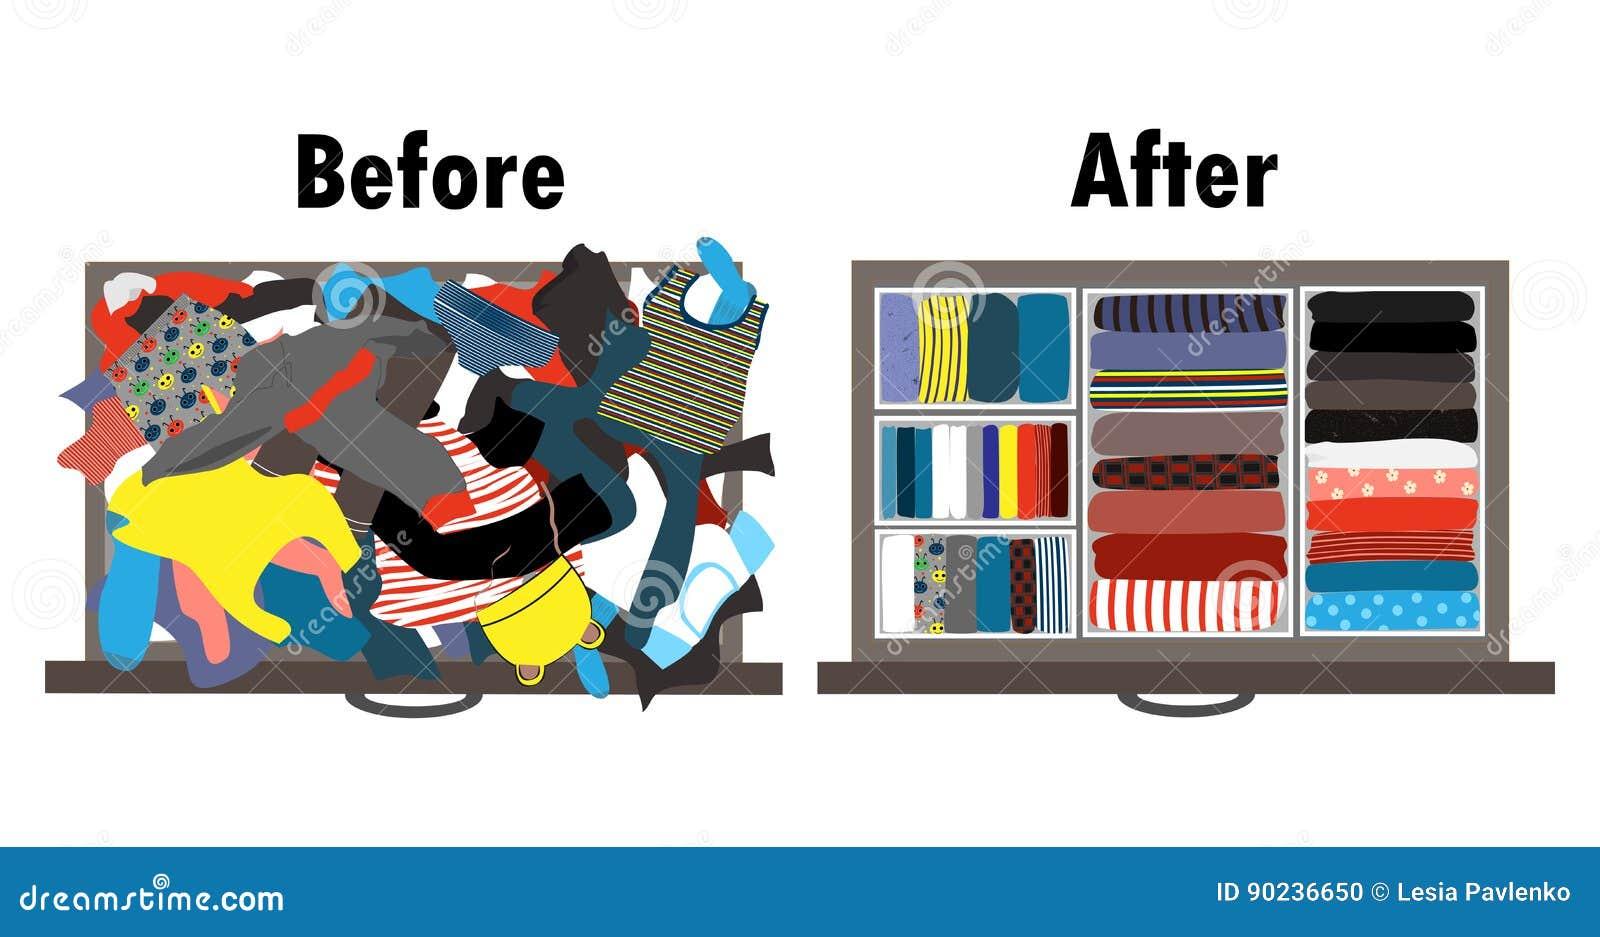 Antes e depois de ordenar o vestuário das crianças na gaveta Roupa desarrumado e roupa agradavelmente arranjada nas pilhas